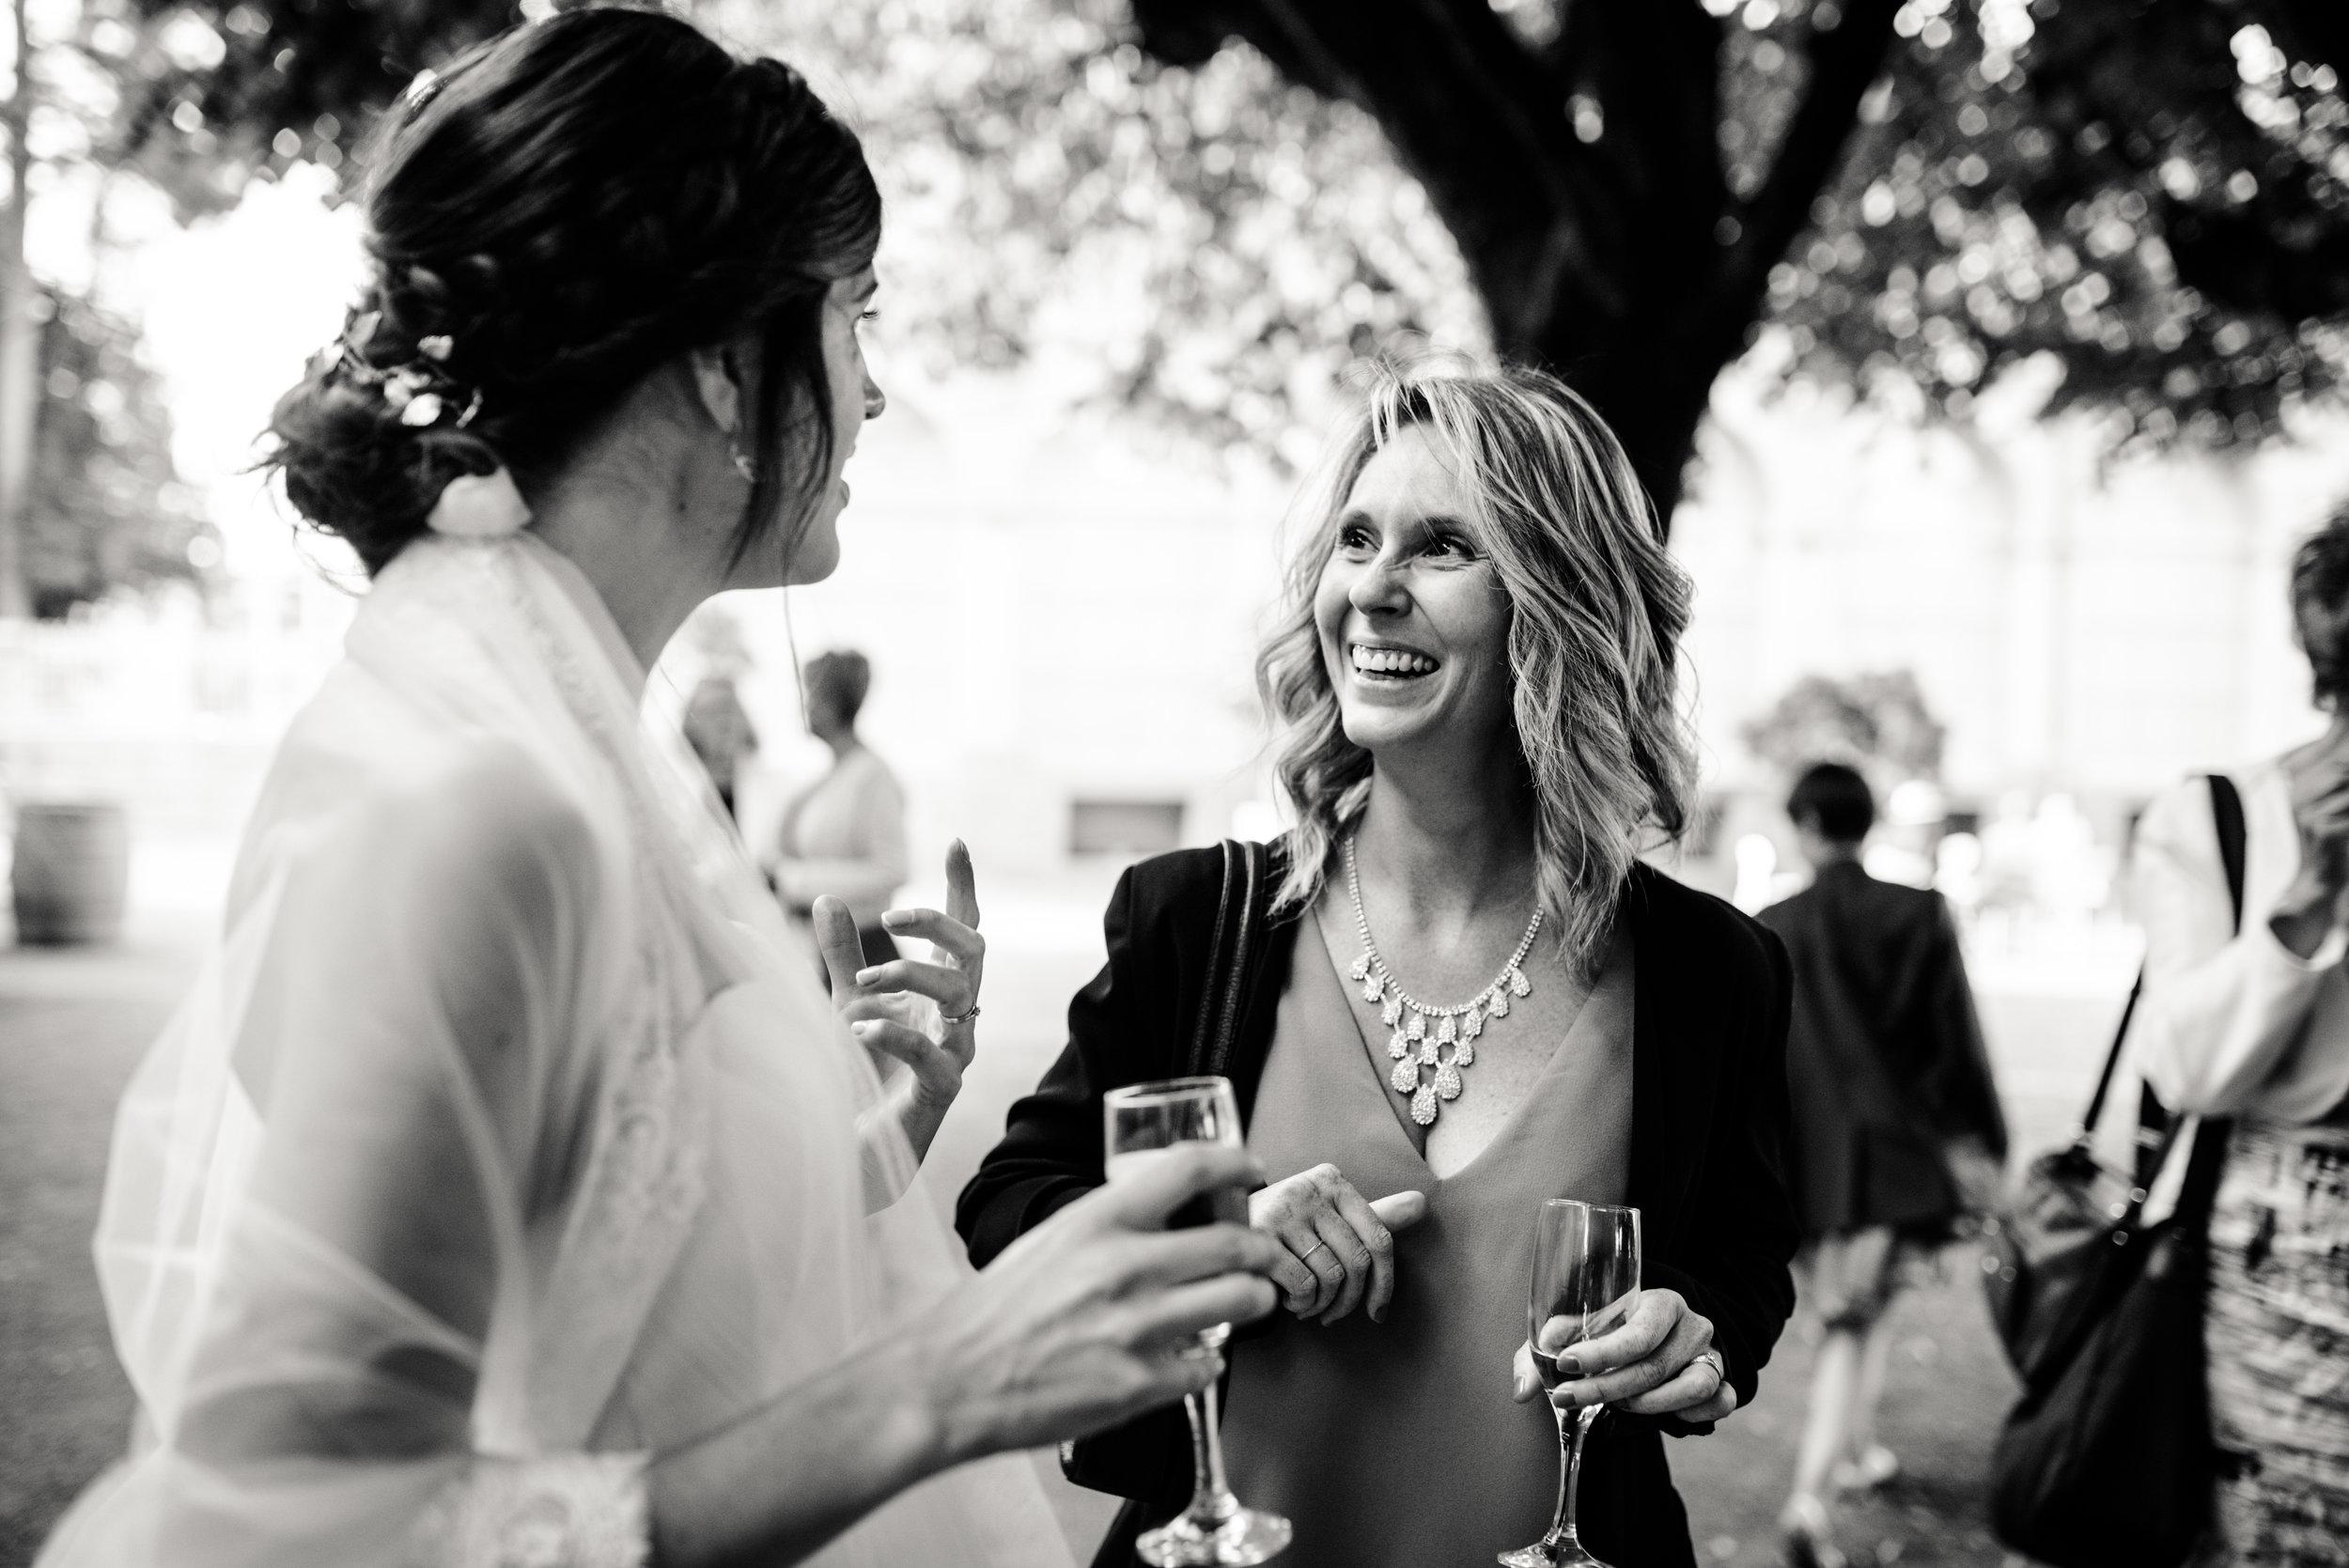 Léa-Fery-photographe-professionnel-lyon-rhone-alpes-portrait-creation-mariage-evenement-evenementiel-famille--126.jpg